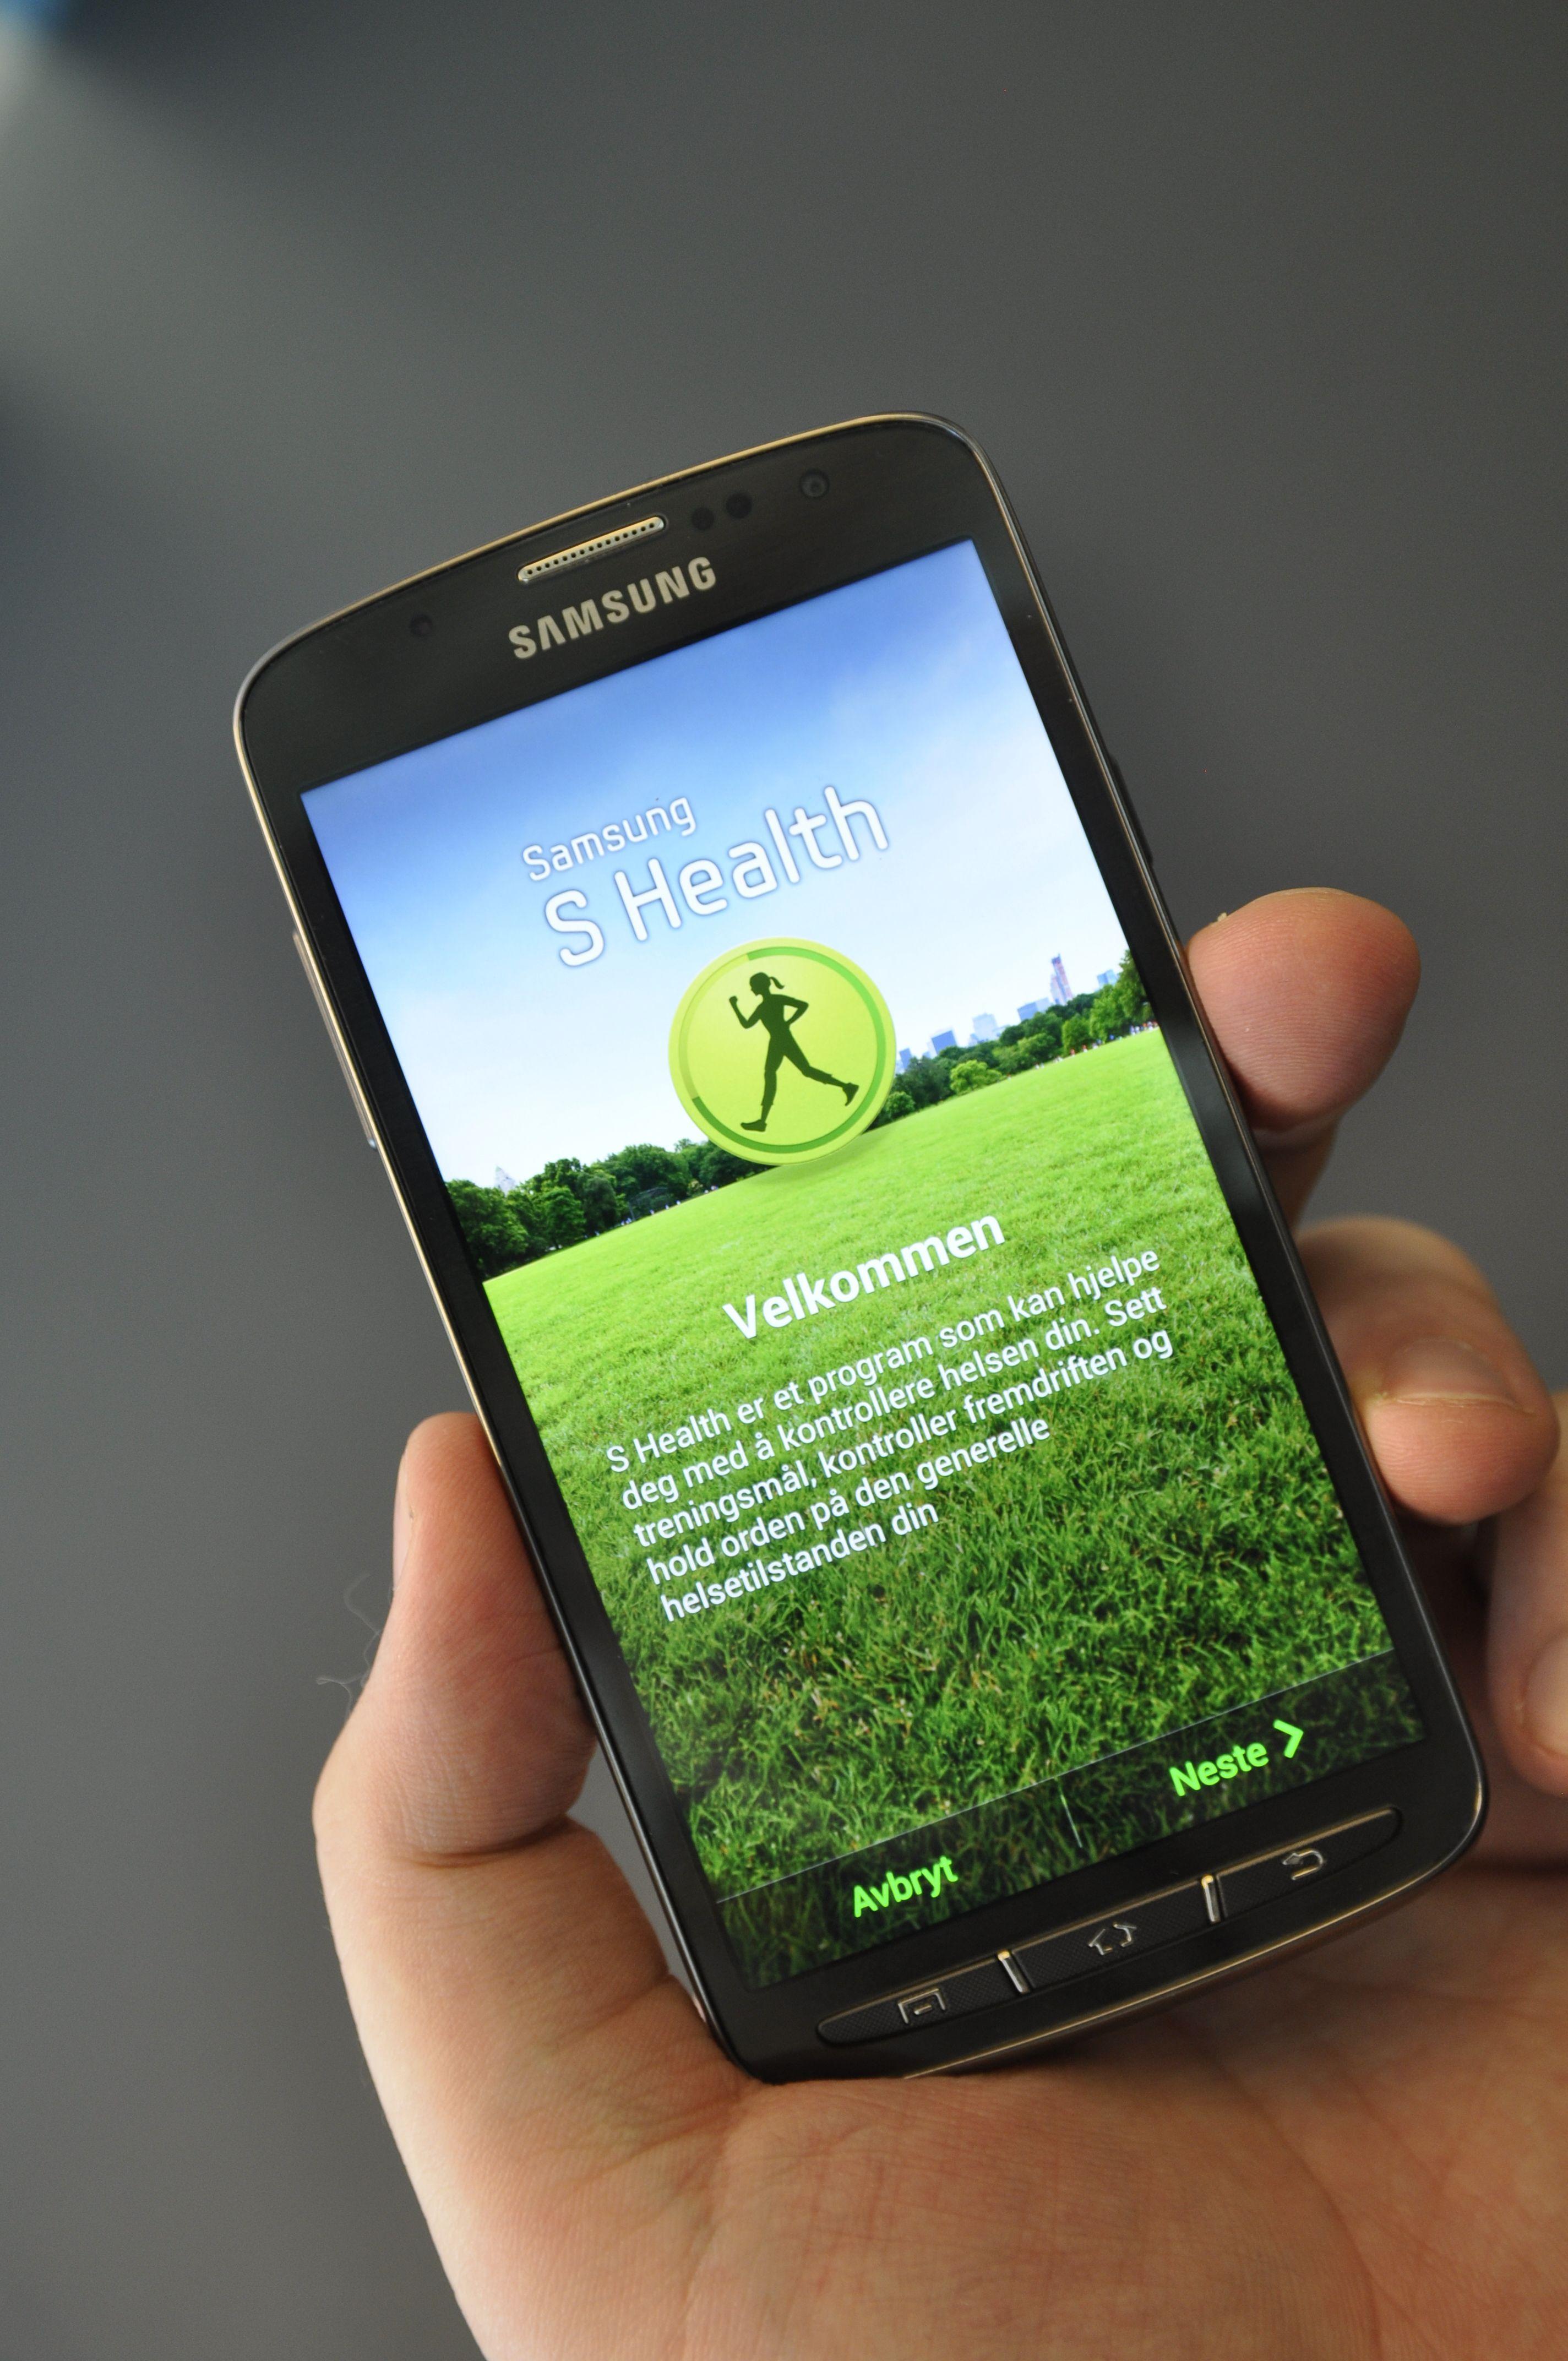 Trenings- og livsstils-appen S Health skal være under løpende utvikling, og vil sannsynligvis bygges ut med flere funksjoner over tid.Foto: Finn Jarle Kvalheim, Amobil.no